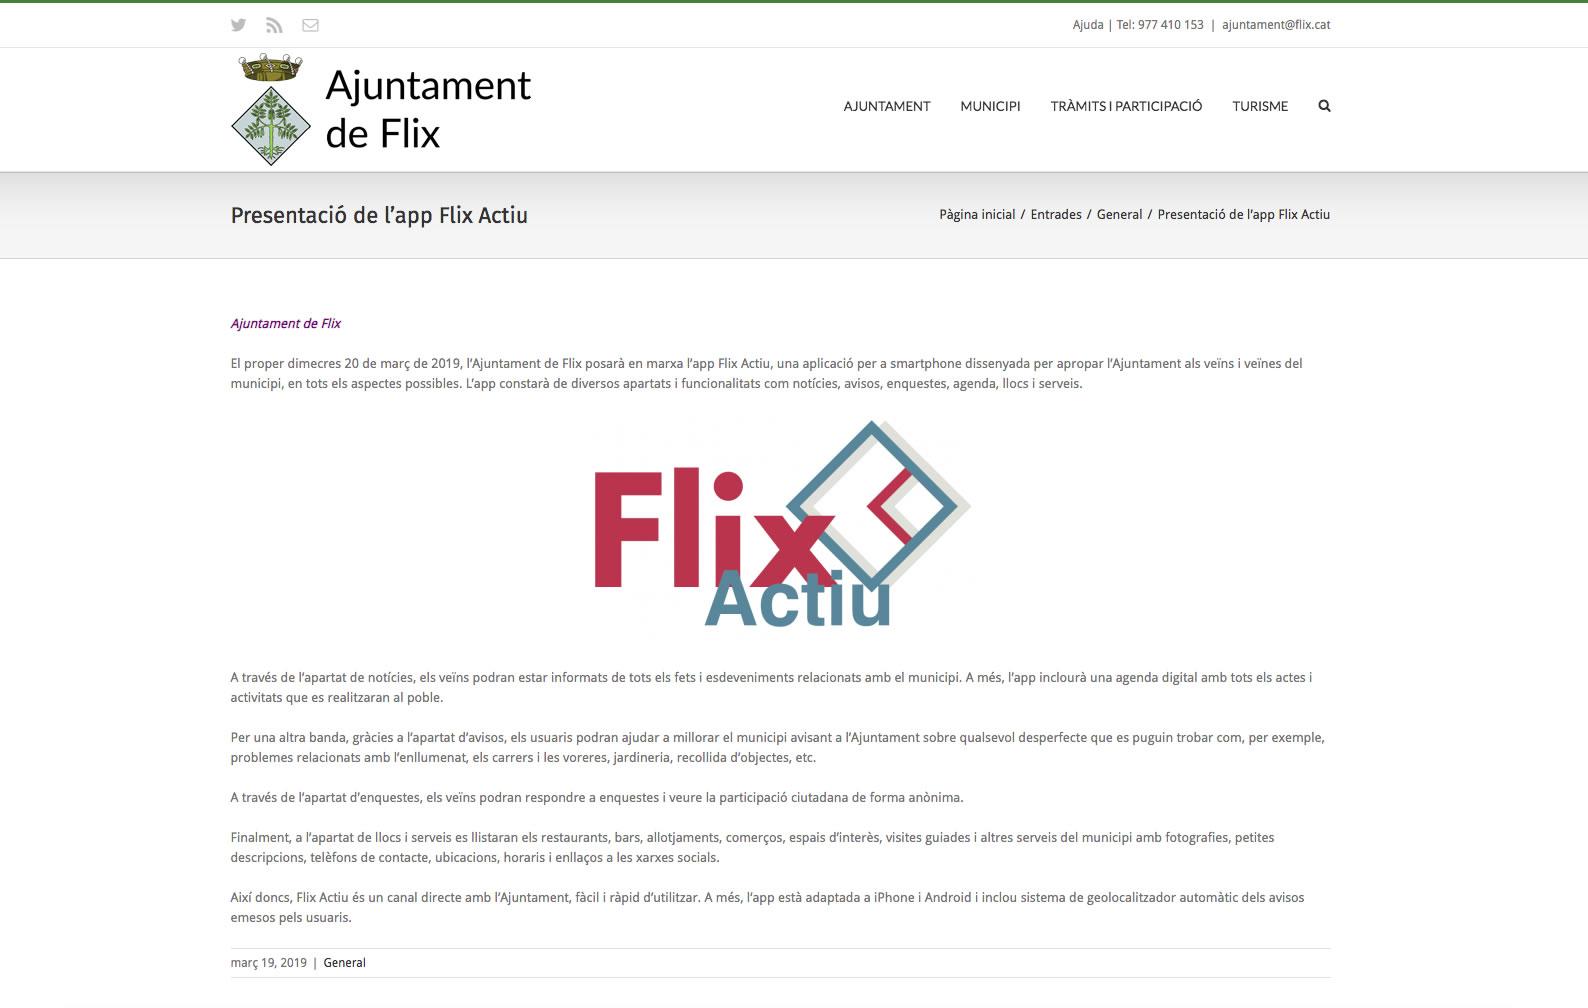 Presentación de la app Flix Actiu